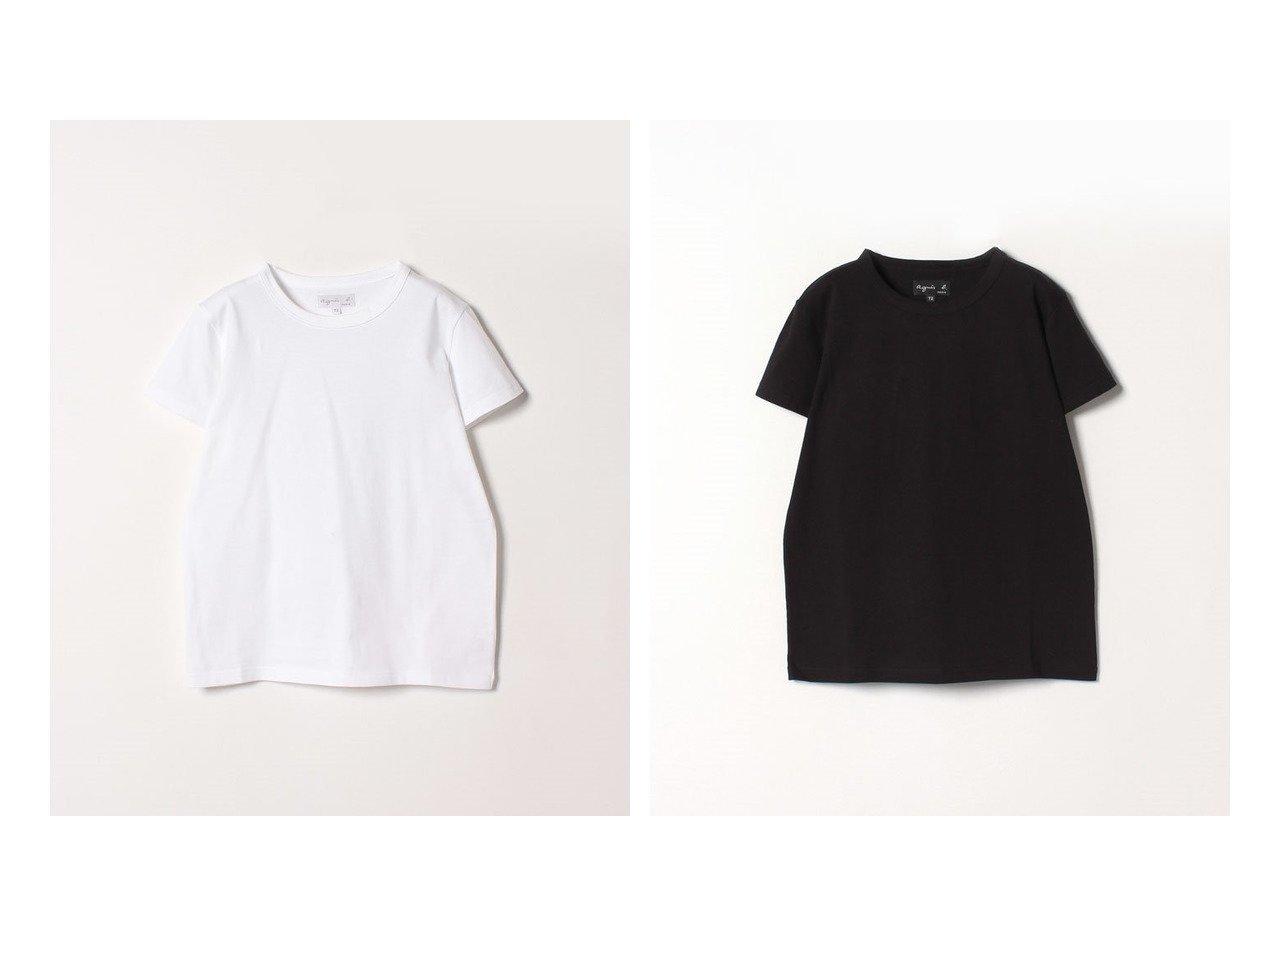 【agnes b. FEMME/アニエスベー ファム】のJ000 TS コットンTシャツ トップス・カットソーのおすすめ!人気、トレンド・レディースファッションの通販 おすすめで人気の流行・トレンド、ファッションの通販商品 メンズファッション・キッズファッション・インテリア・家具・レディースファッション・服の通販 founy(ファニー) https://founy.com/ ファッション Fashion レディースファッション WOMEN トップス カットソー Tops Tshirt シャツ/ブラウス Shirts Blouses ロング / Tシャツ T-Shirts カットソー Cut and Sewn インナー シンプル 半袖 定番 Standard 無地  ID:crp329100000022952